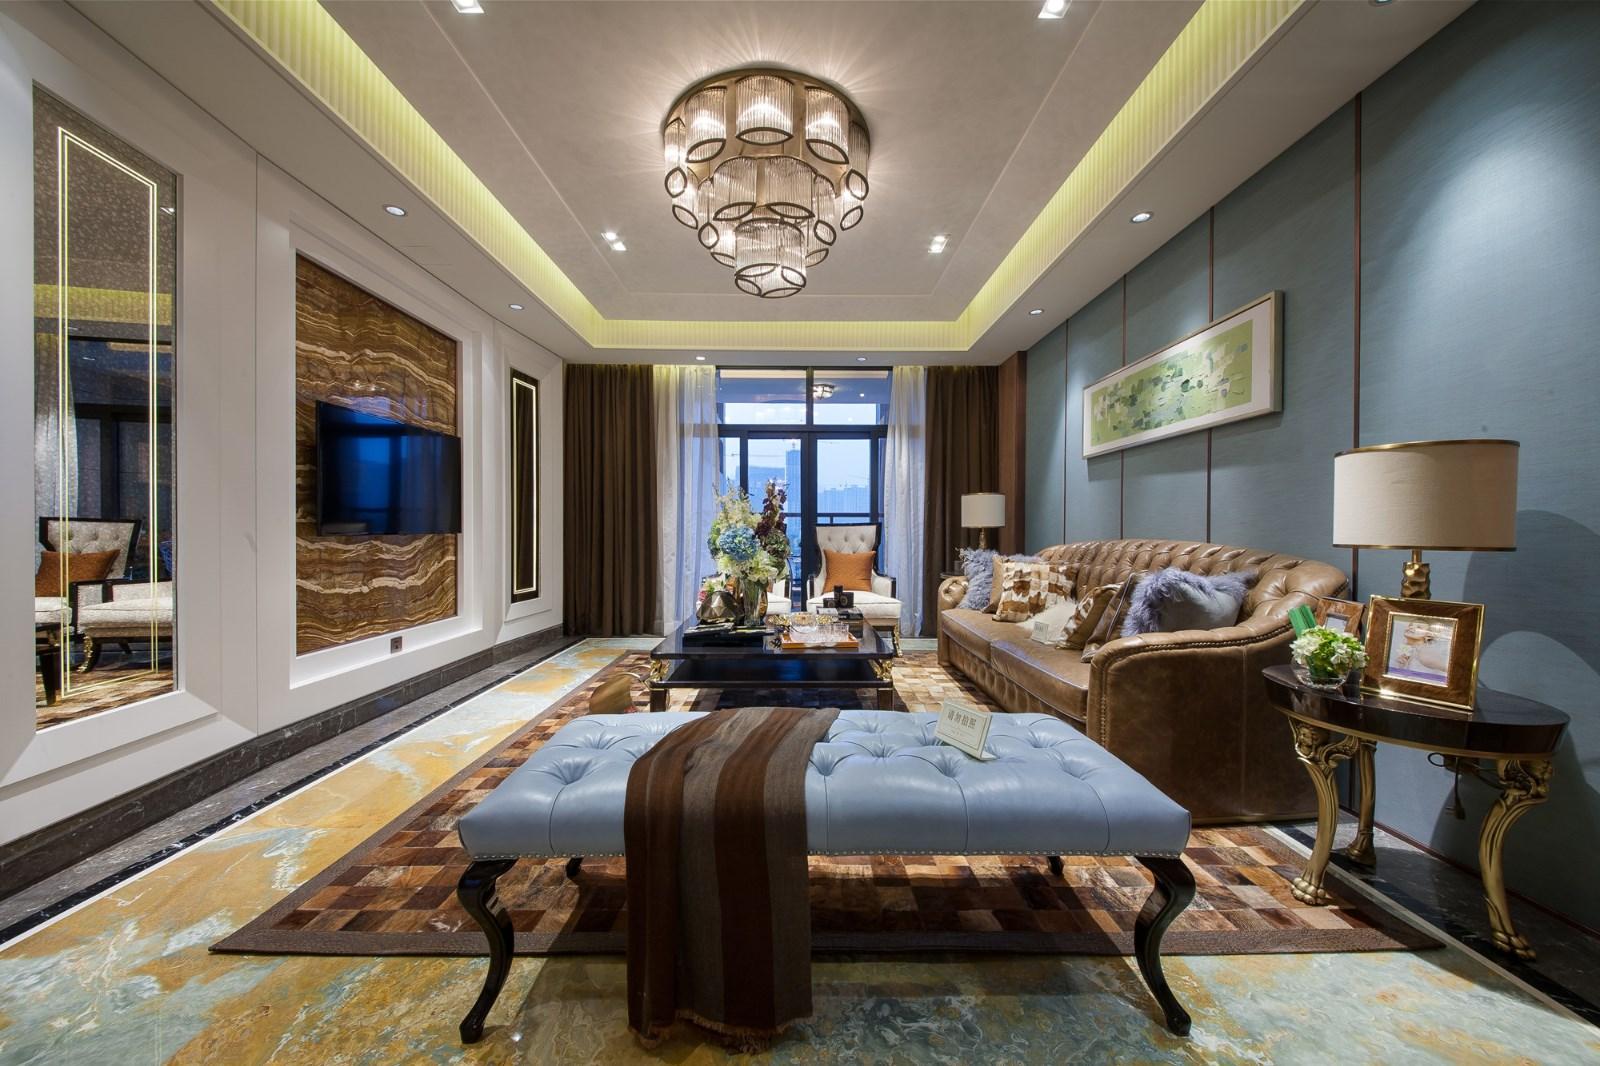 客厅家具造型端稳而雅致,在水晶吊灯的映衬下光韵流转,呈现着从容高贵的气质。